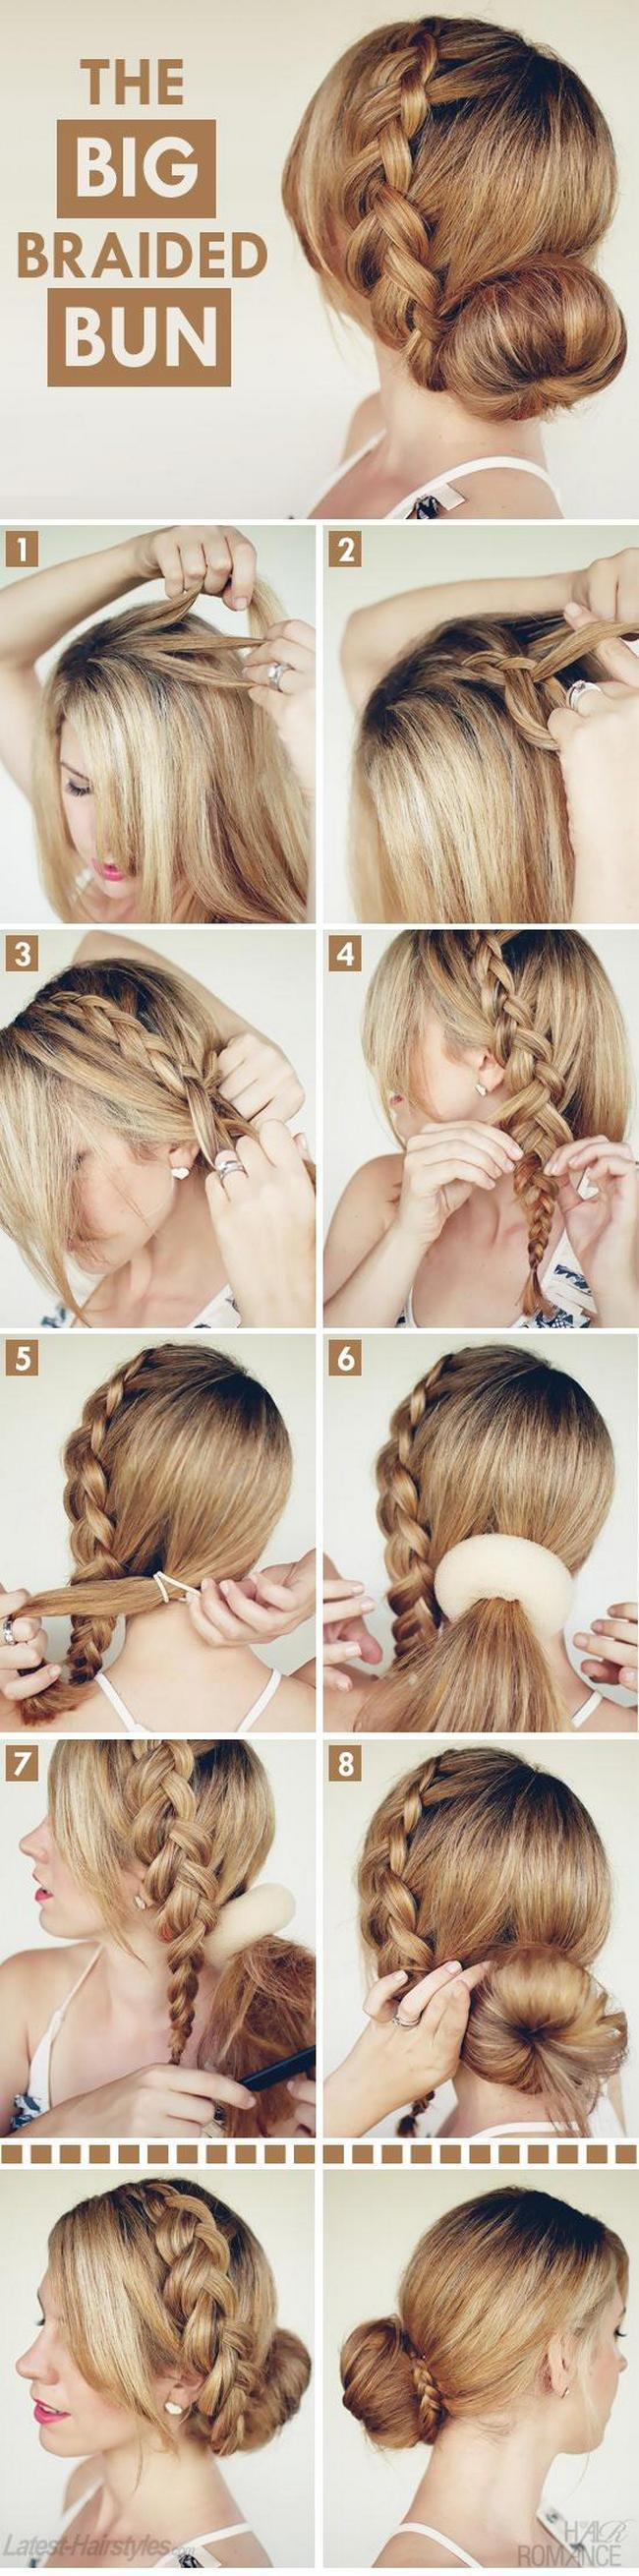 детские прически несложные на длинные волосы